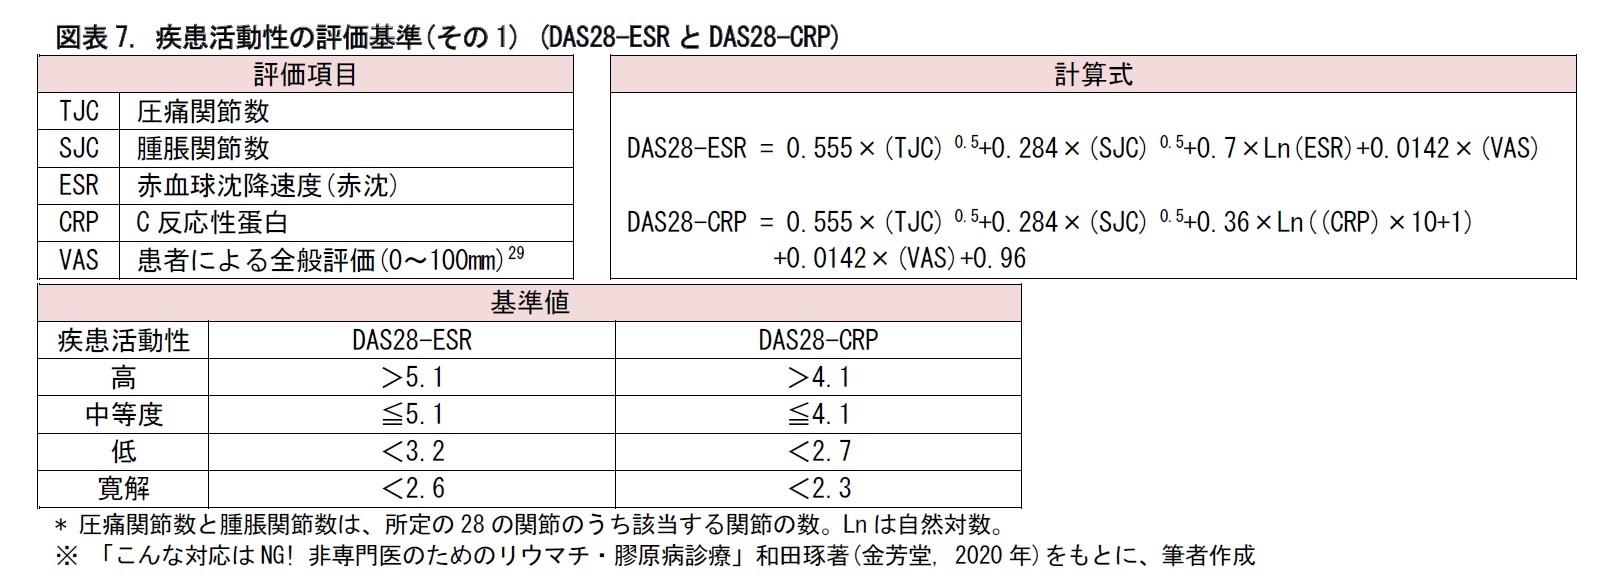 図表7. 疾患活動性の評価基準(その1) (DAS28-ESRとDAS28-CRP)